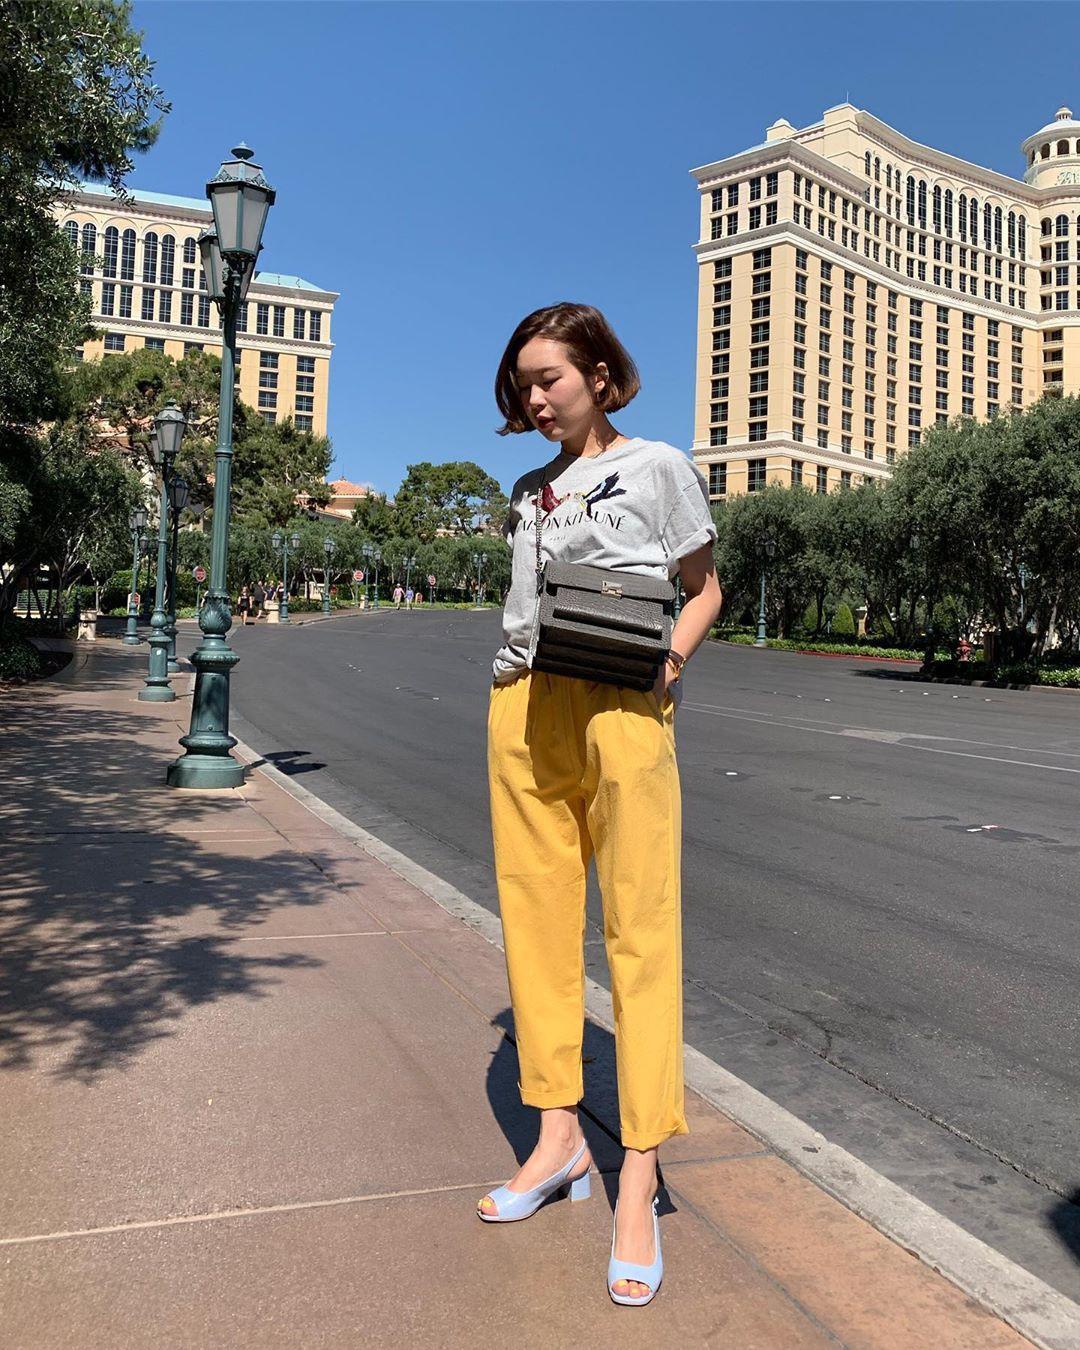 Muốn mặc đẹp hãy tham khảo 15 bộ đồ từ street style châu Á dưới đây, với rất nhiều gợi ý váy áo thô/đũi mát mẻ - Ảnh 6.